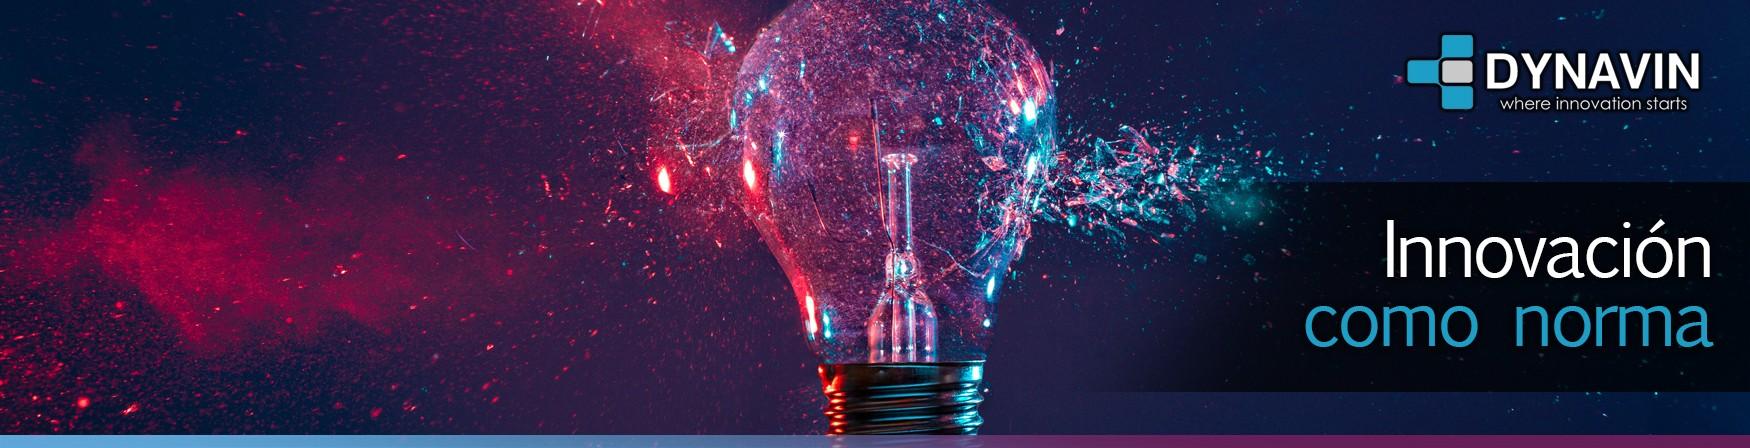 Dynavin, Innovación como norma